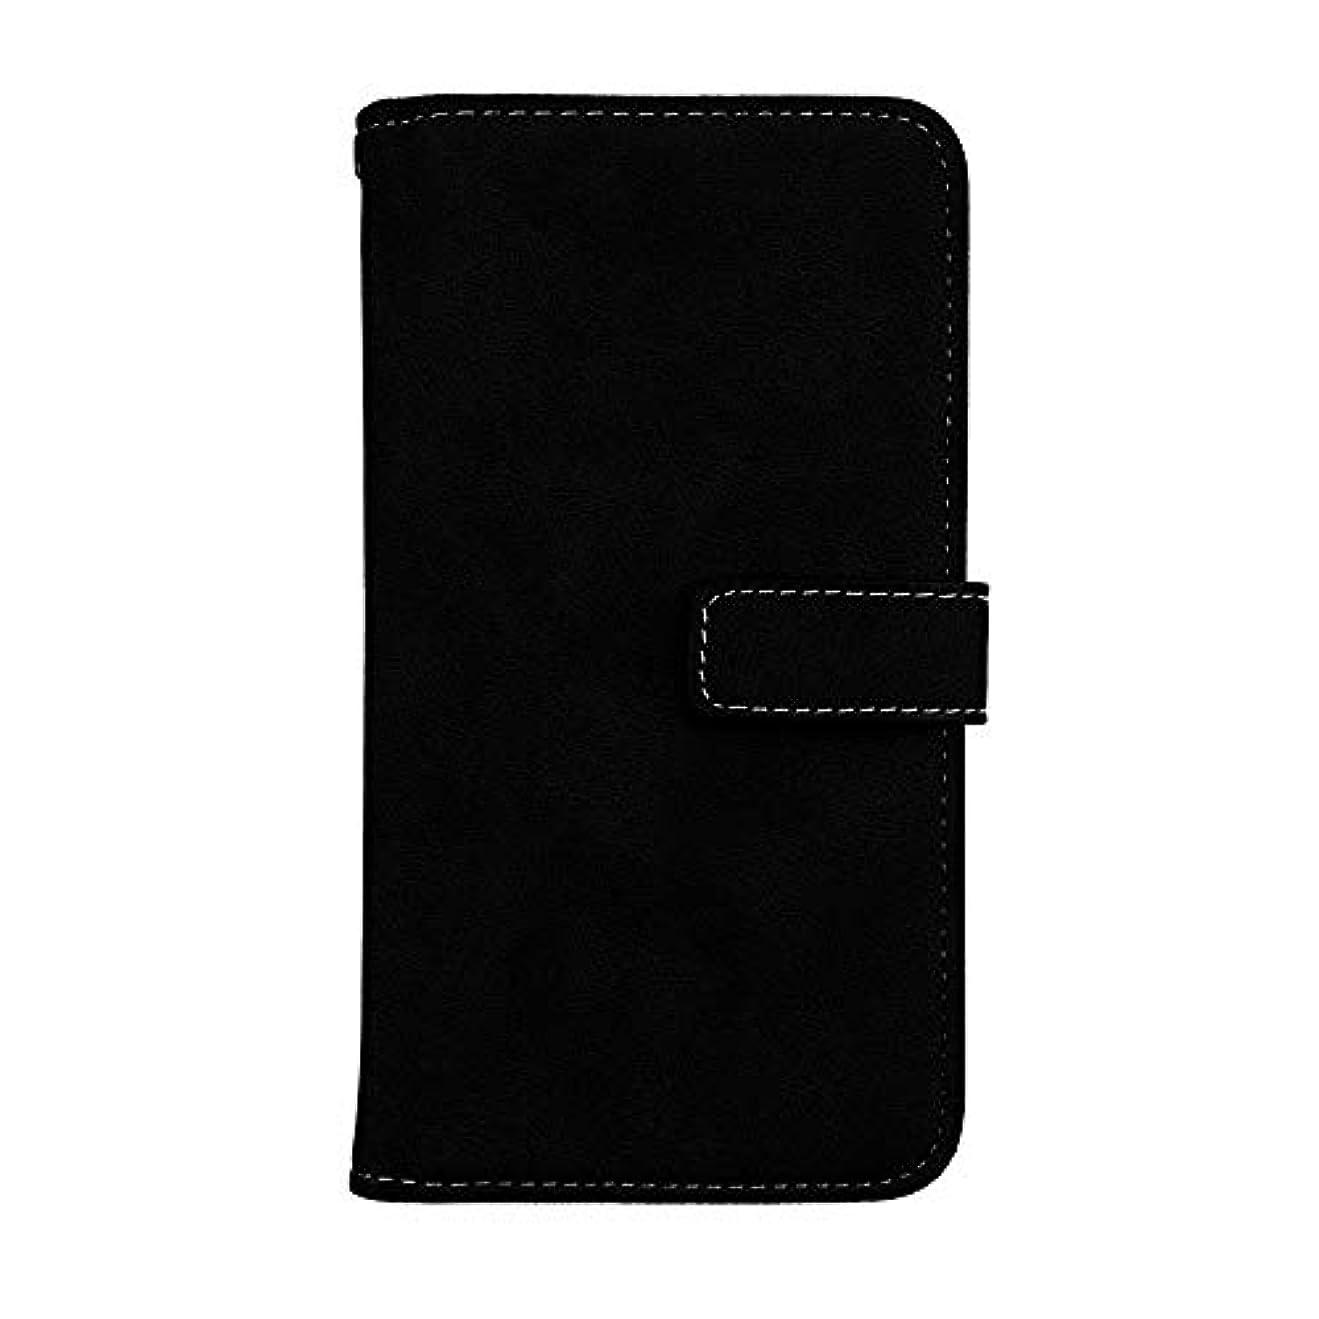 習熟度消化器貫通Xiaomi Redmi Note 4 高品質 マグネット ケース, CUNUS 携帯電話 ケース 軽量 柔軟 高品質 耐摩擦 カード収納 カバー Xiaomi Redmi Note 4 用, ブラック